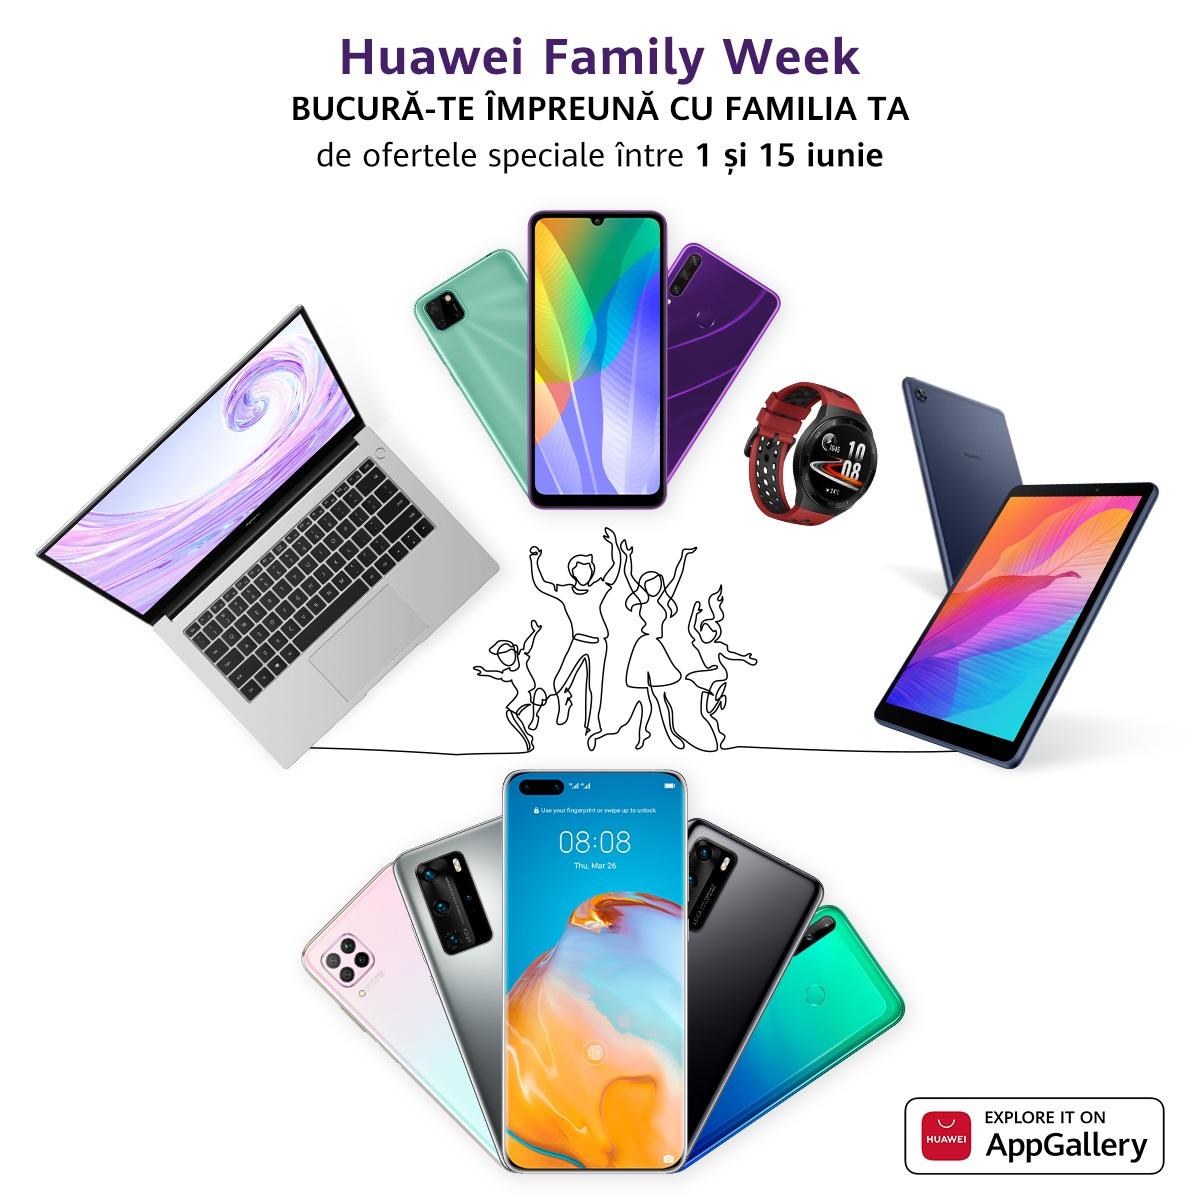 Huawei MateBook D 14 și Huawei Wi-Fi Q2 Pro, noi dispozitive care se alătură campaniei Family Week cu oferte speciale